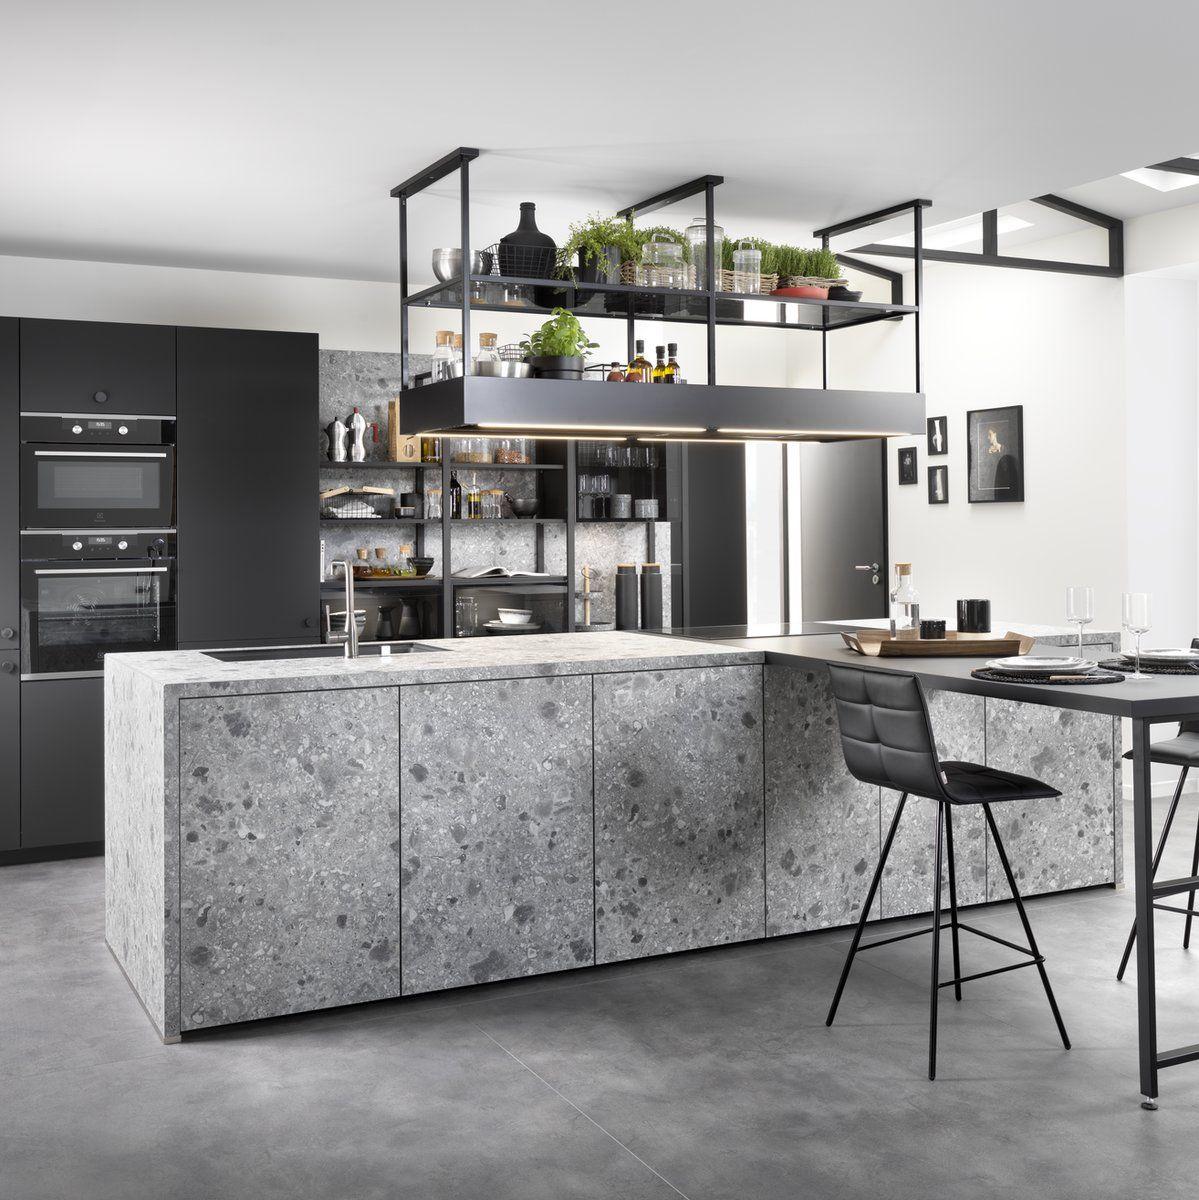 Cuisine Noire Avantages Inconvenients Pour Bien Choisir Blog Schmidt En 2020 Meuble Cuisine Interieur De Cuisine Cuisine Contemporaine